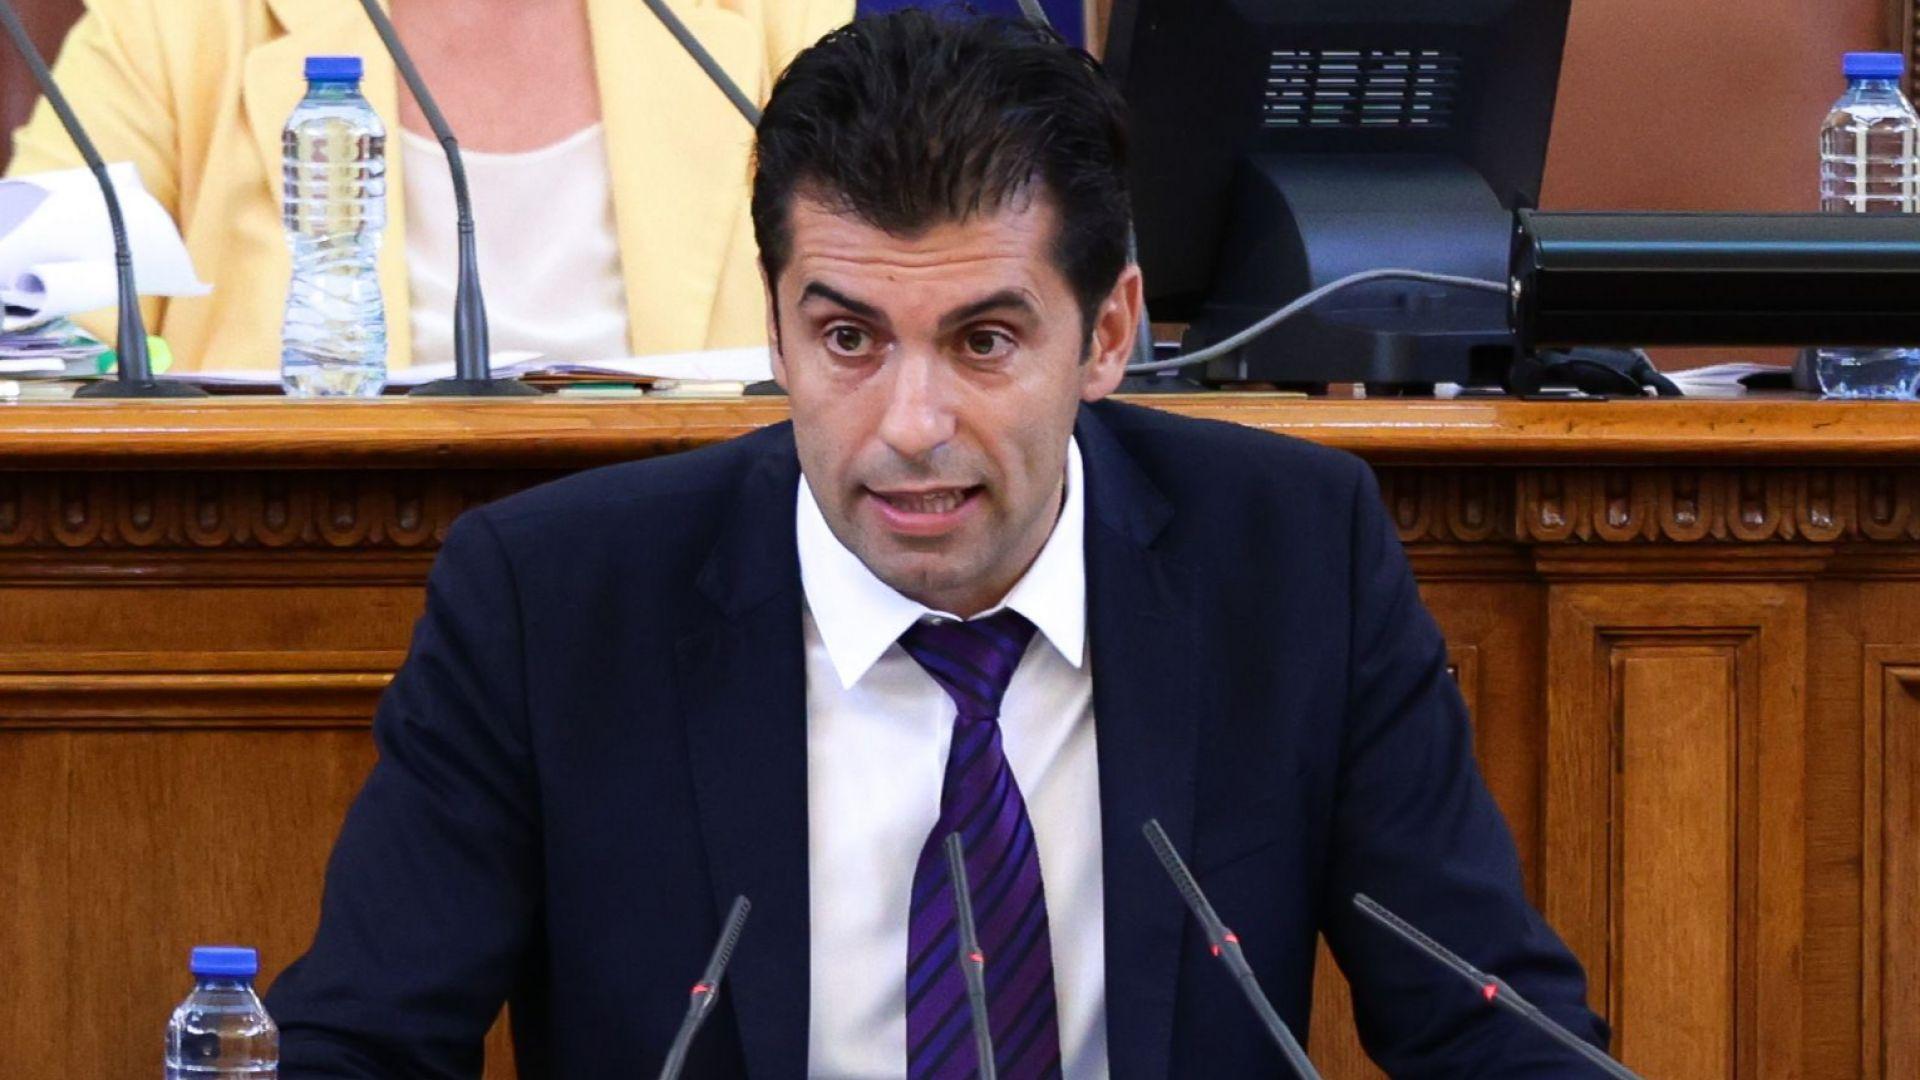 Кирил Петков обяви куп структурни реформи за спиране на течове